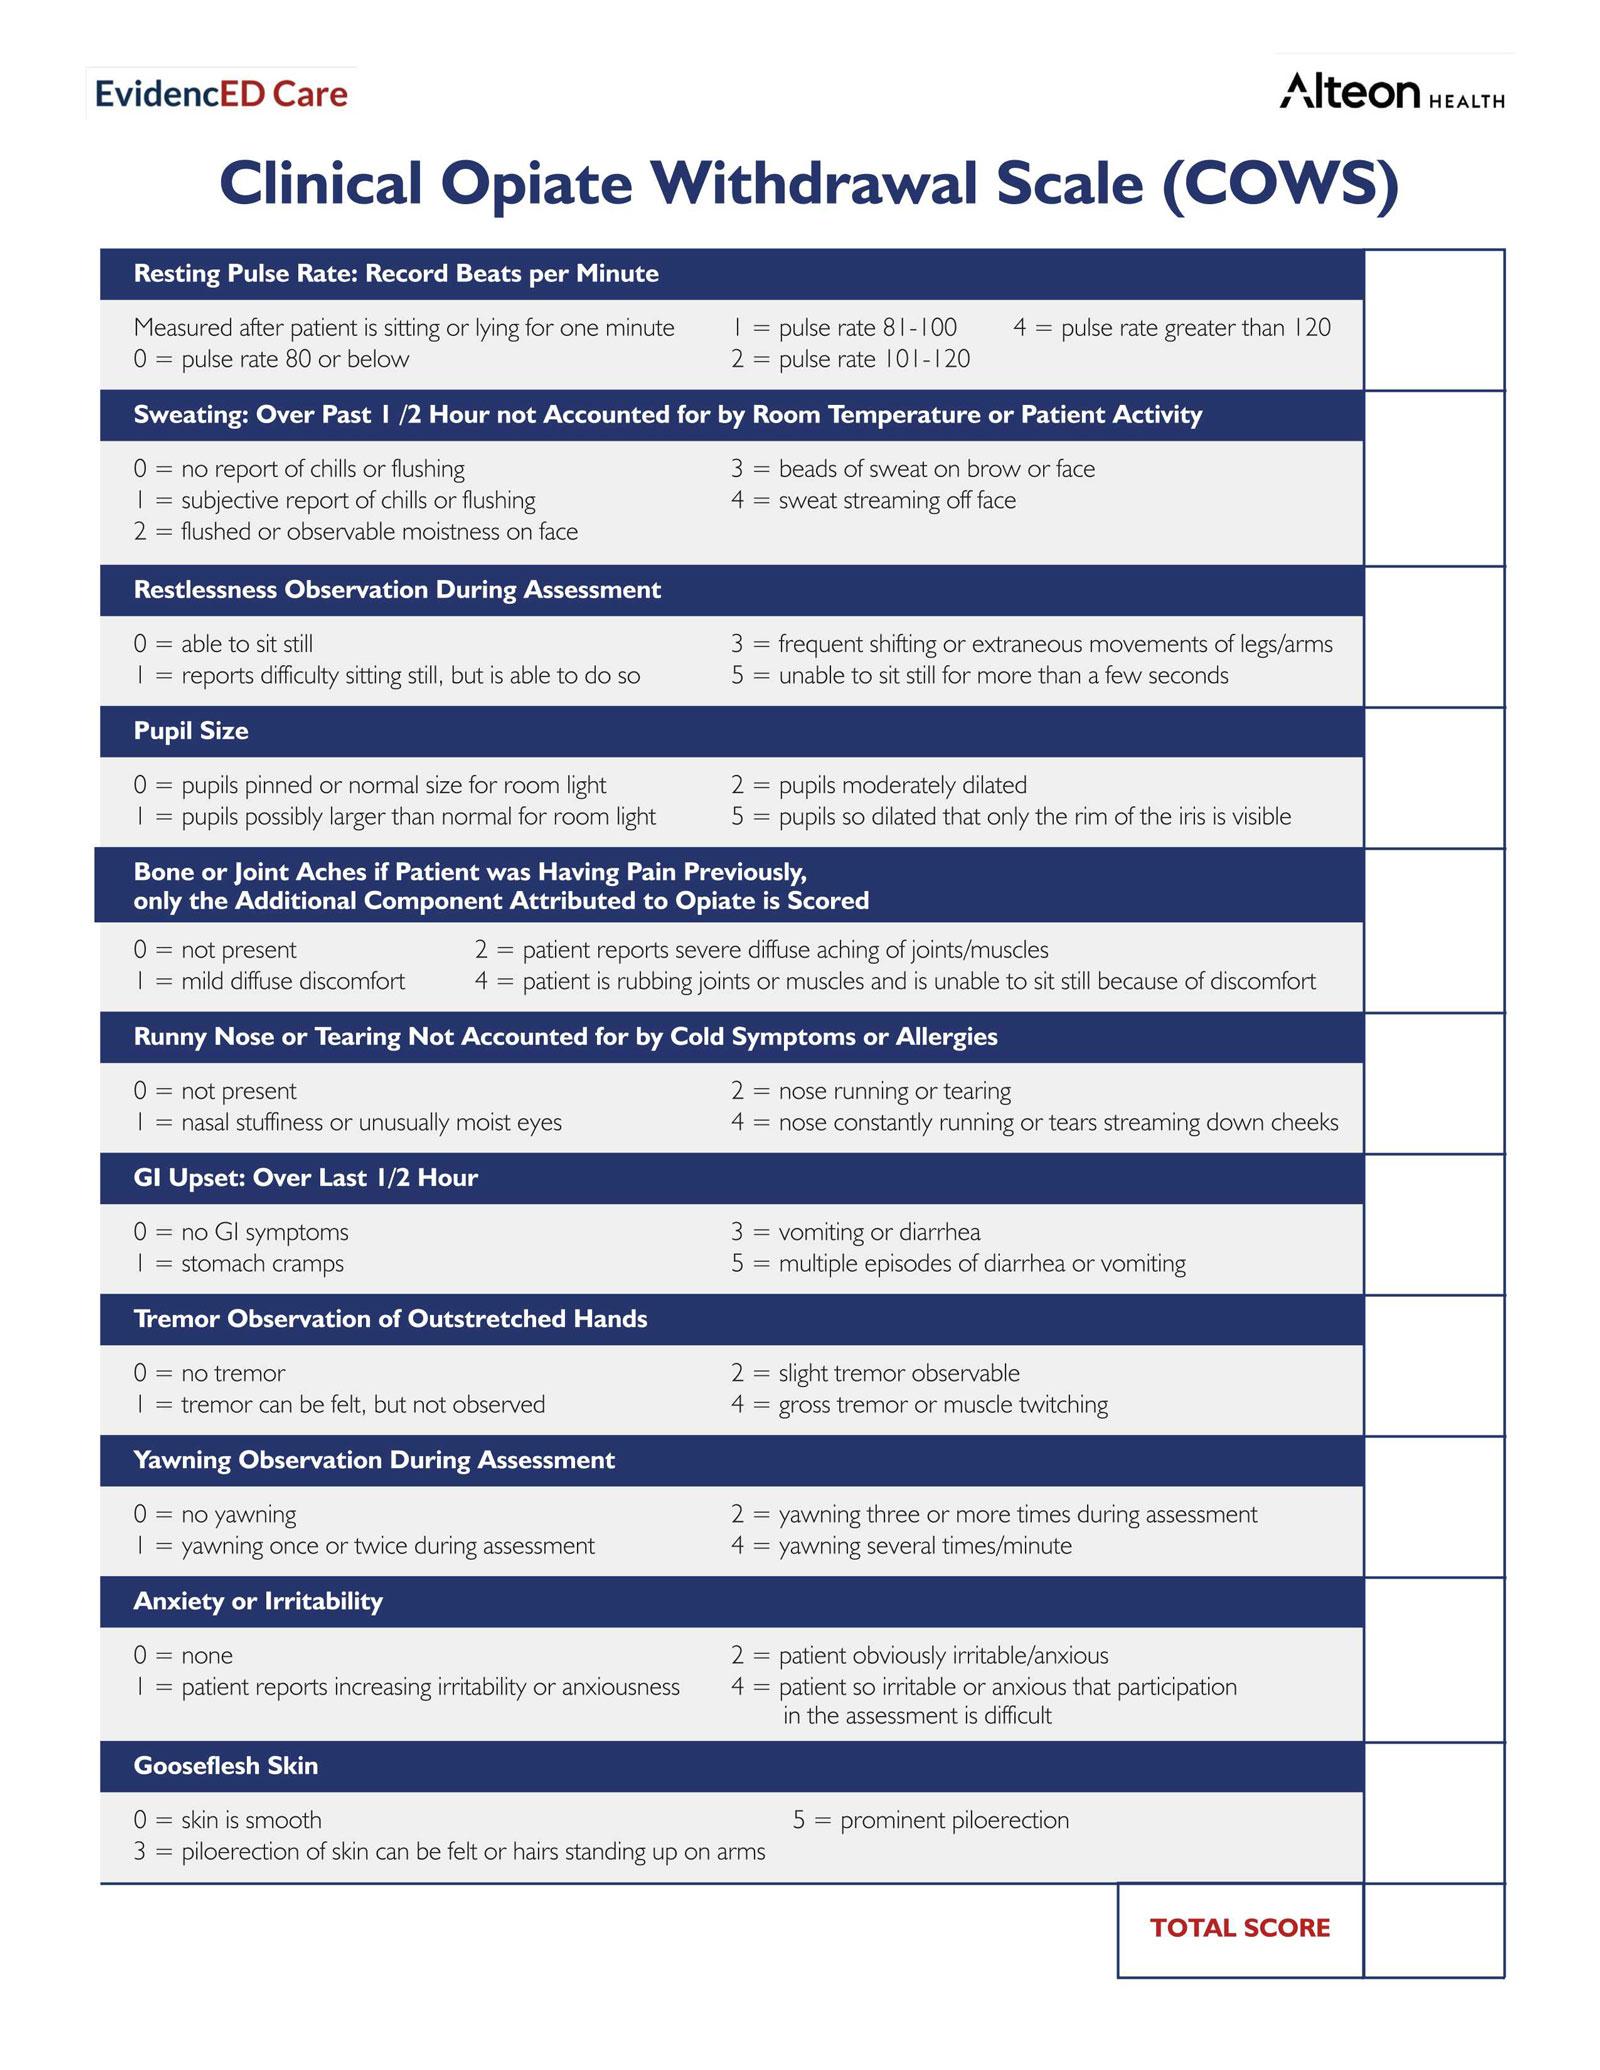 COWS-sheet-final-June-2019.jpg